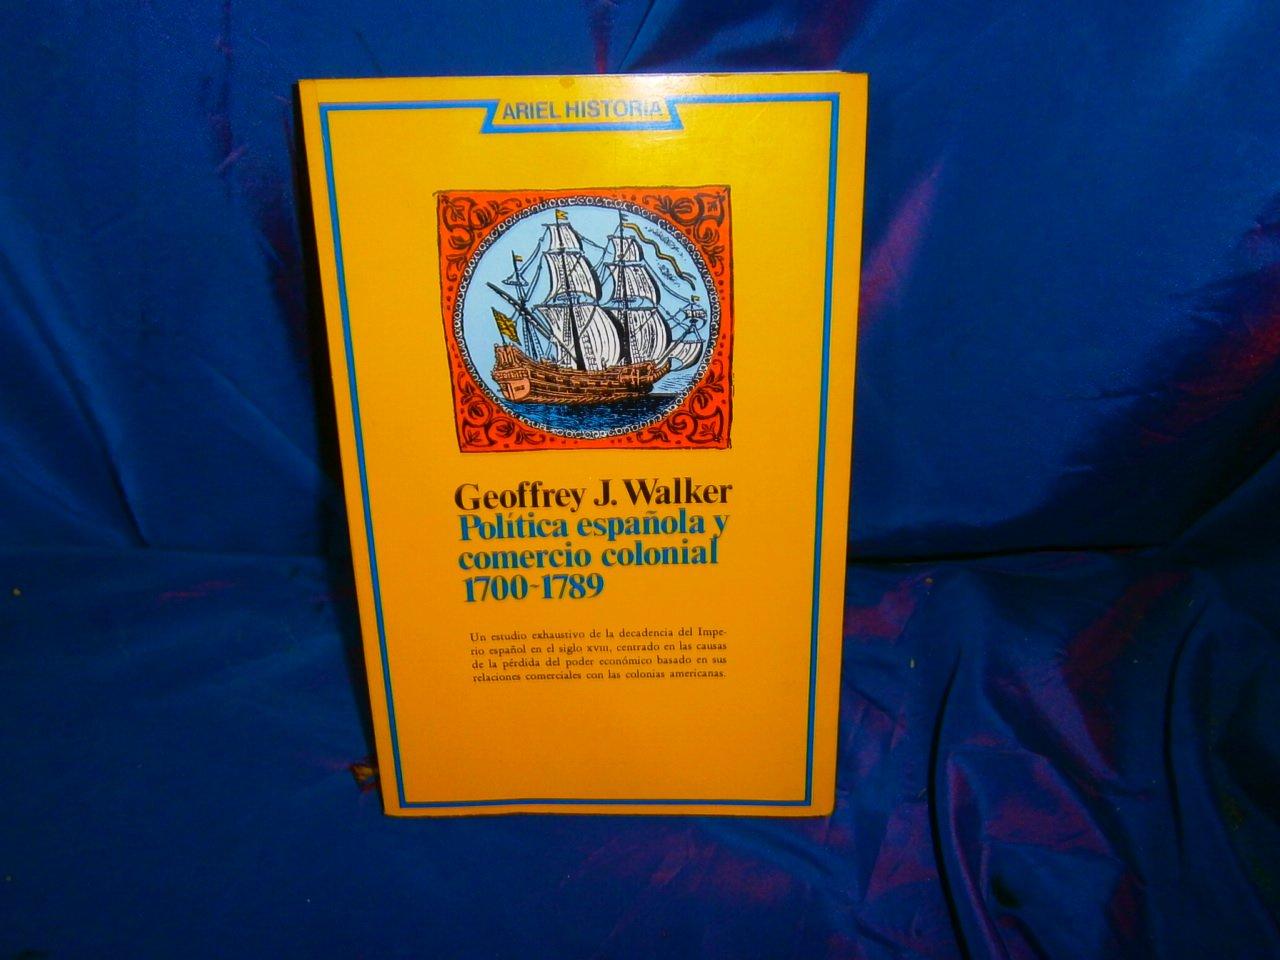 Politica Espanola Y Comercio Colonial 1700-1789: Amazon.es: Geoffrey J. Walker: Libros